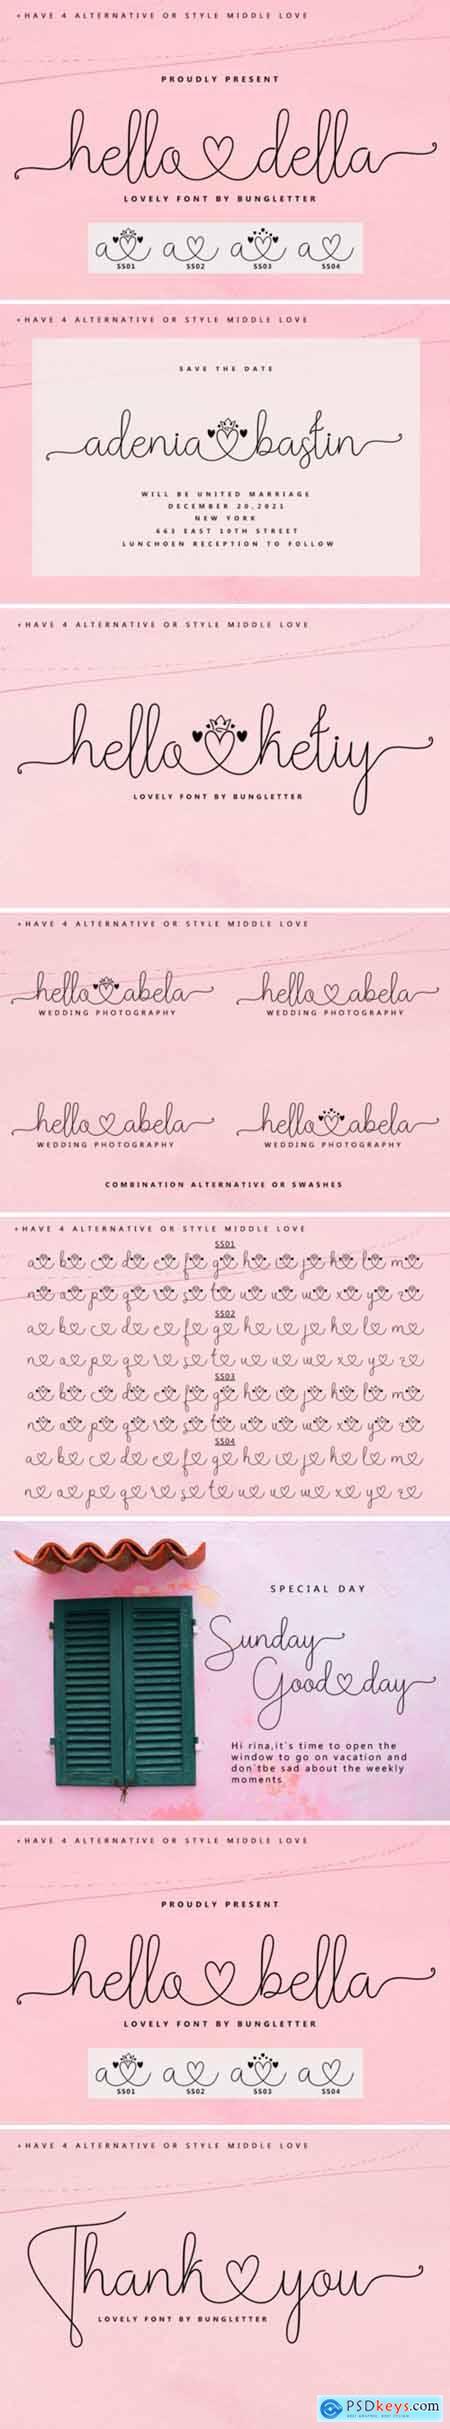 Hello Della Font